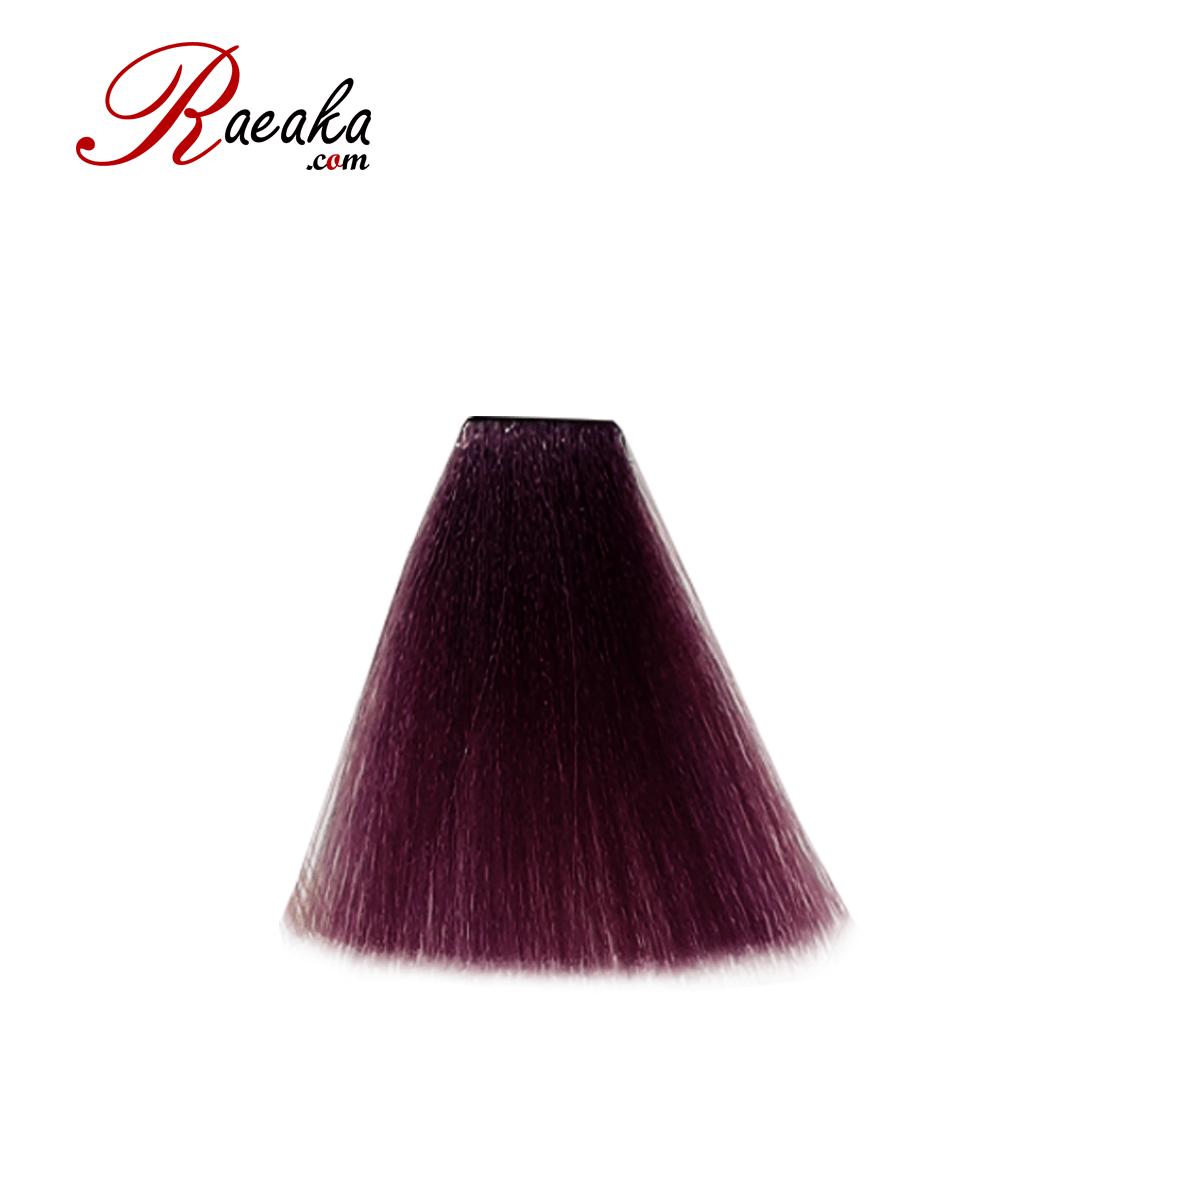 رنگ مو دوماسی سری رنگ های ترکیبی ارکیده بنفش ۶٫۲۰۰ حجم ۱۲۰ میلی لیتر